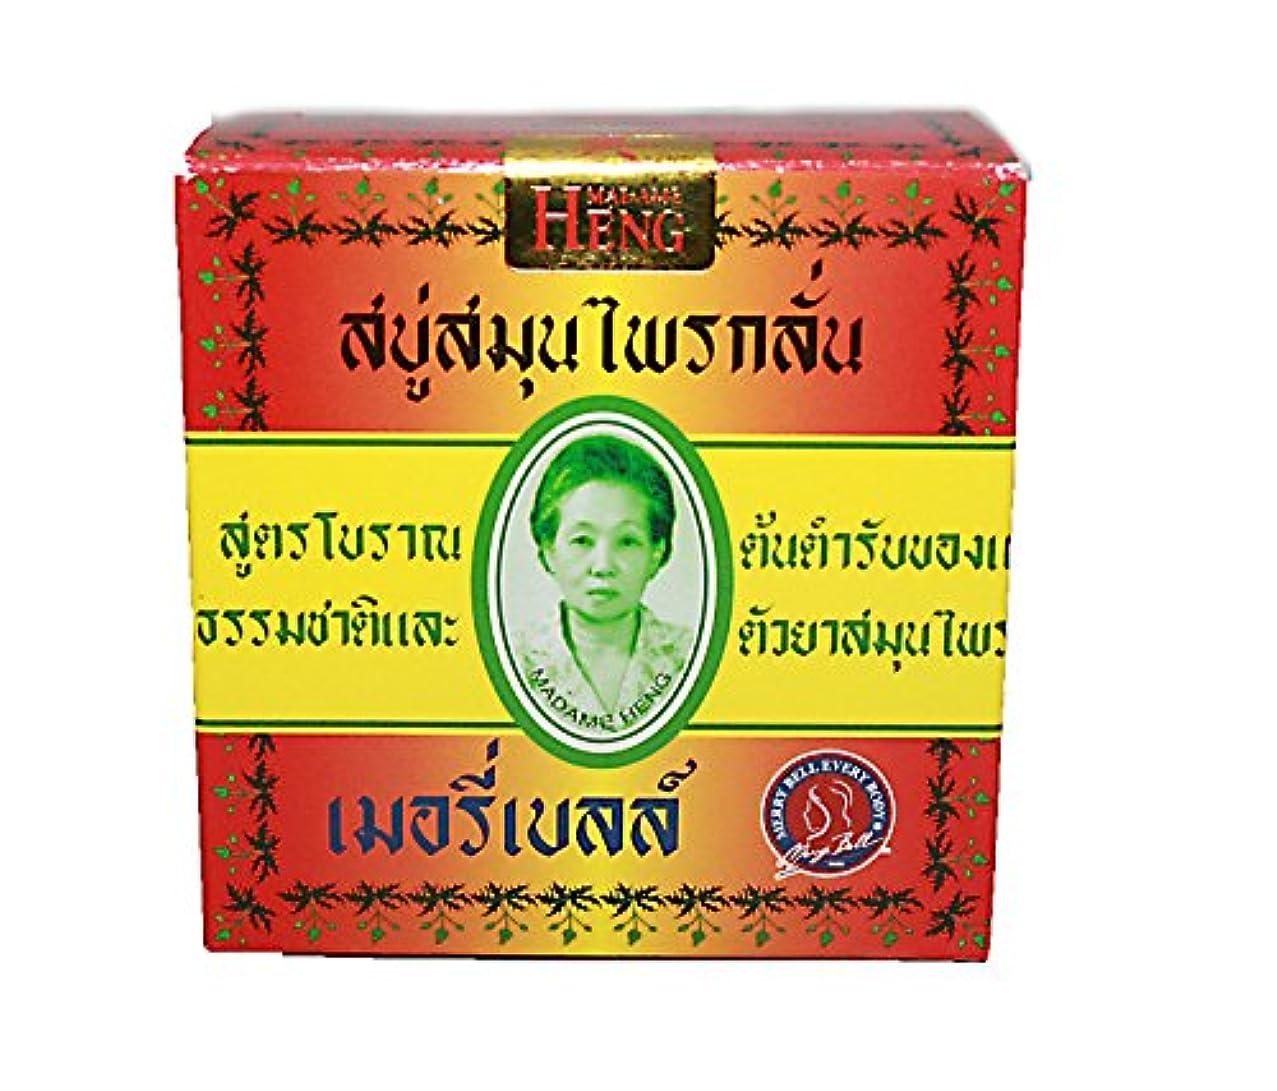 マニアックミンチシロクマMADAME HENG NATURAL SOAP BAR MERRY BELL ORIGINAL THAI (net wt 5.64 OZ.or 160g.) by onefeelgood shop